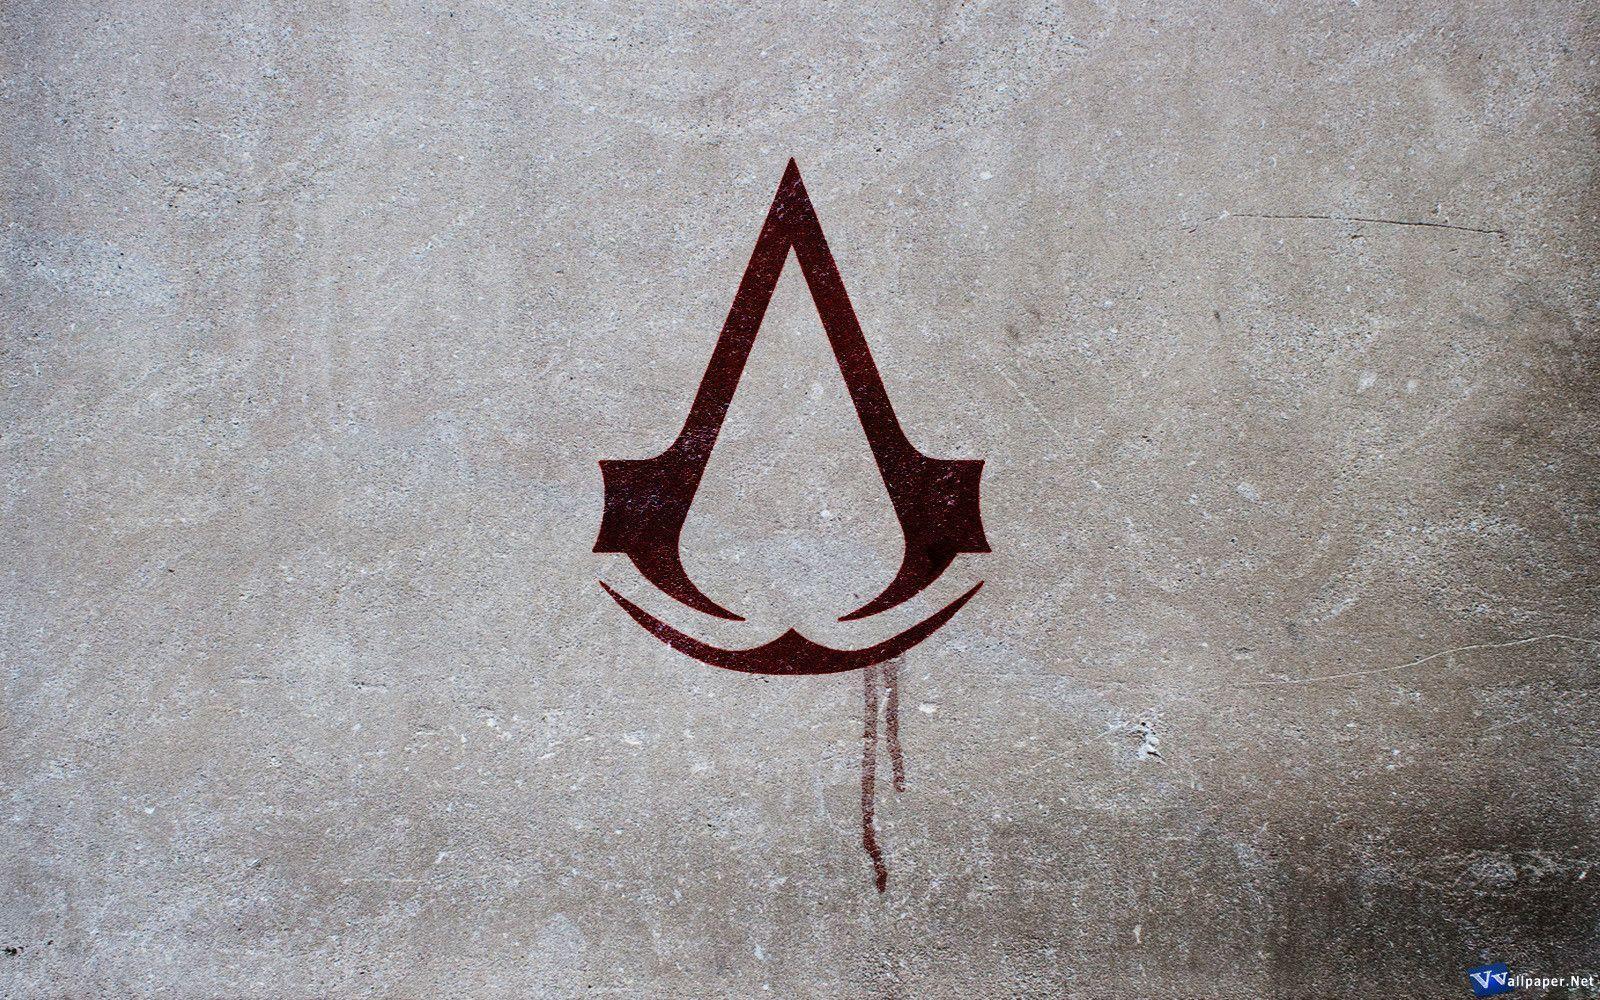 assassins creed symbol wallpapers wallpaper cave